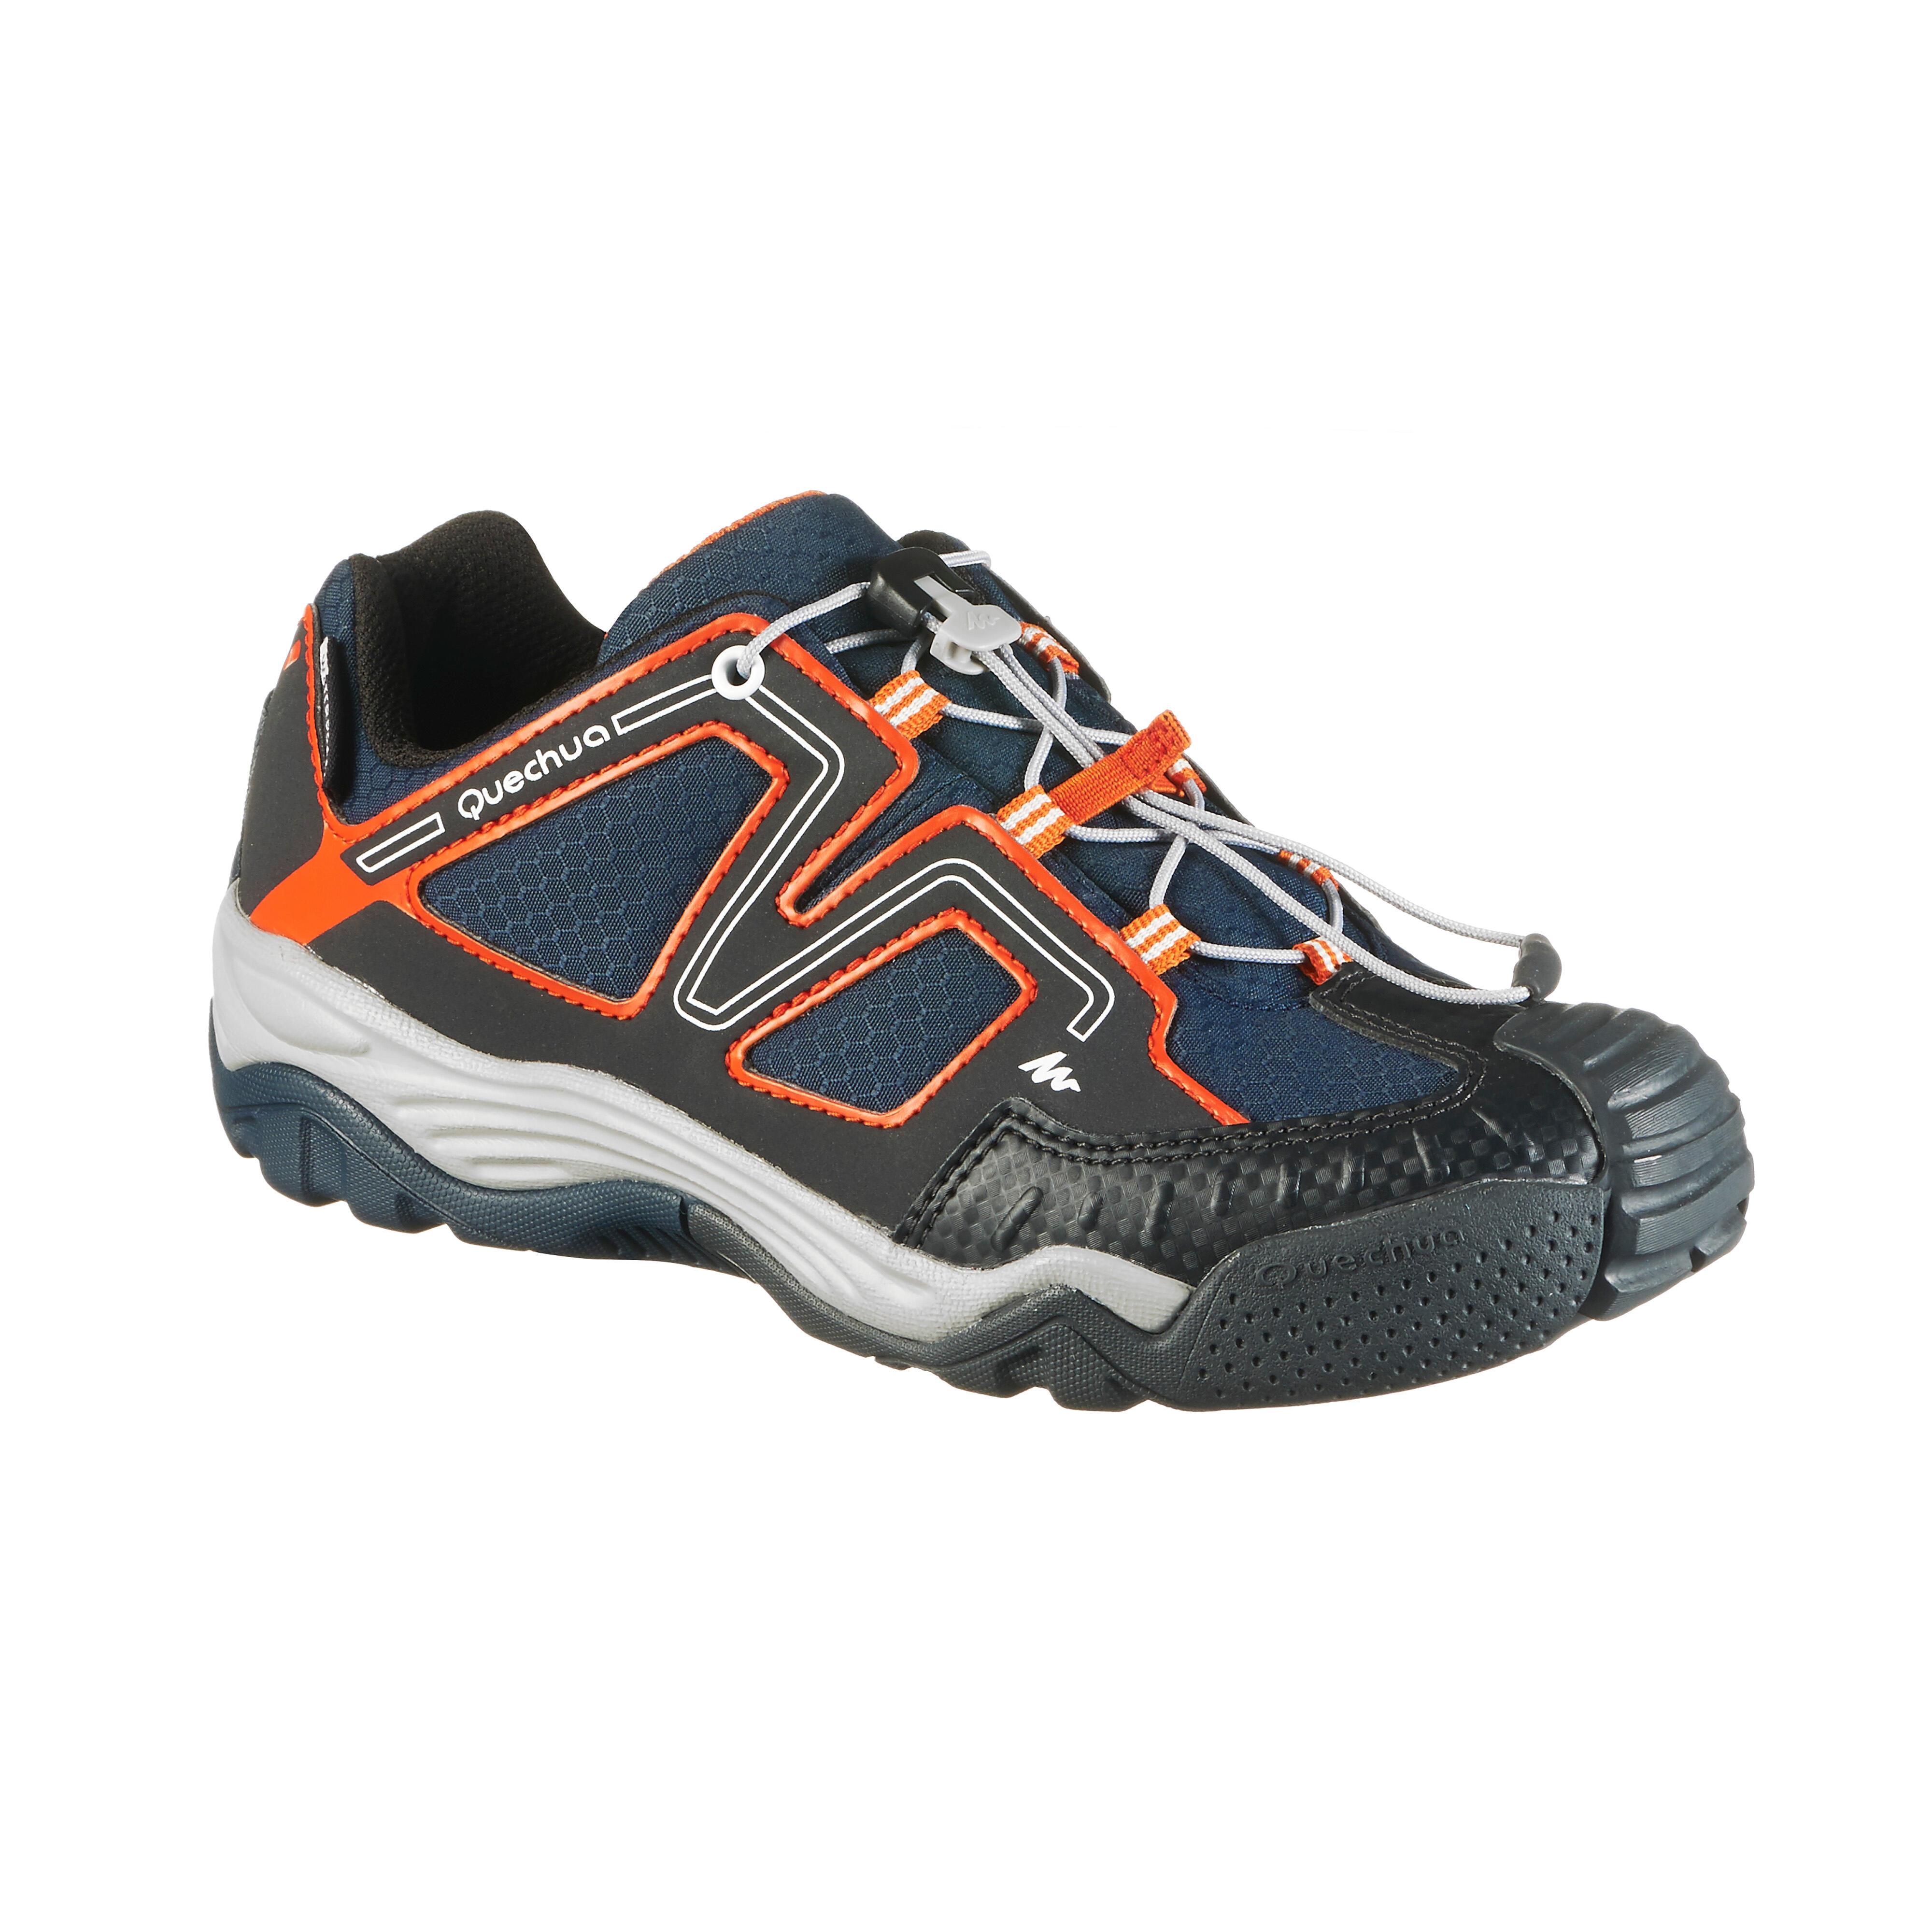 Chaussures Randonnée Enfant Crossrock Imperméable Bleuorange De 0NyvO8nmw